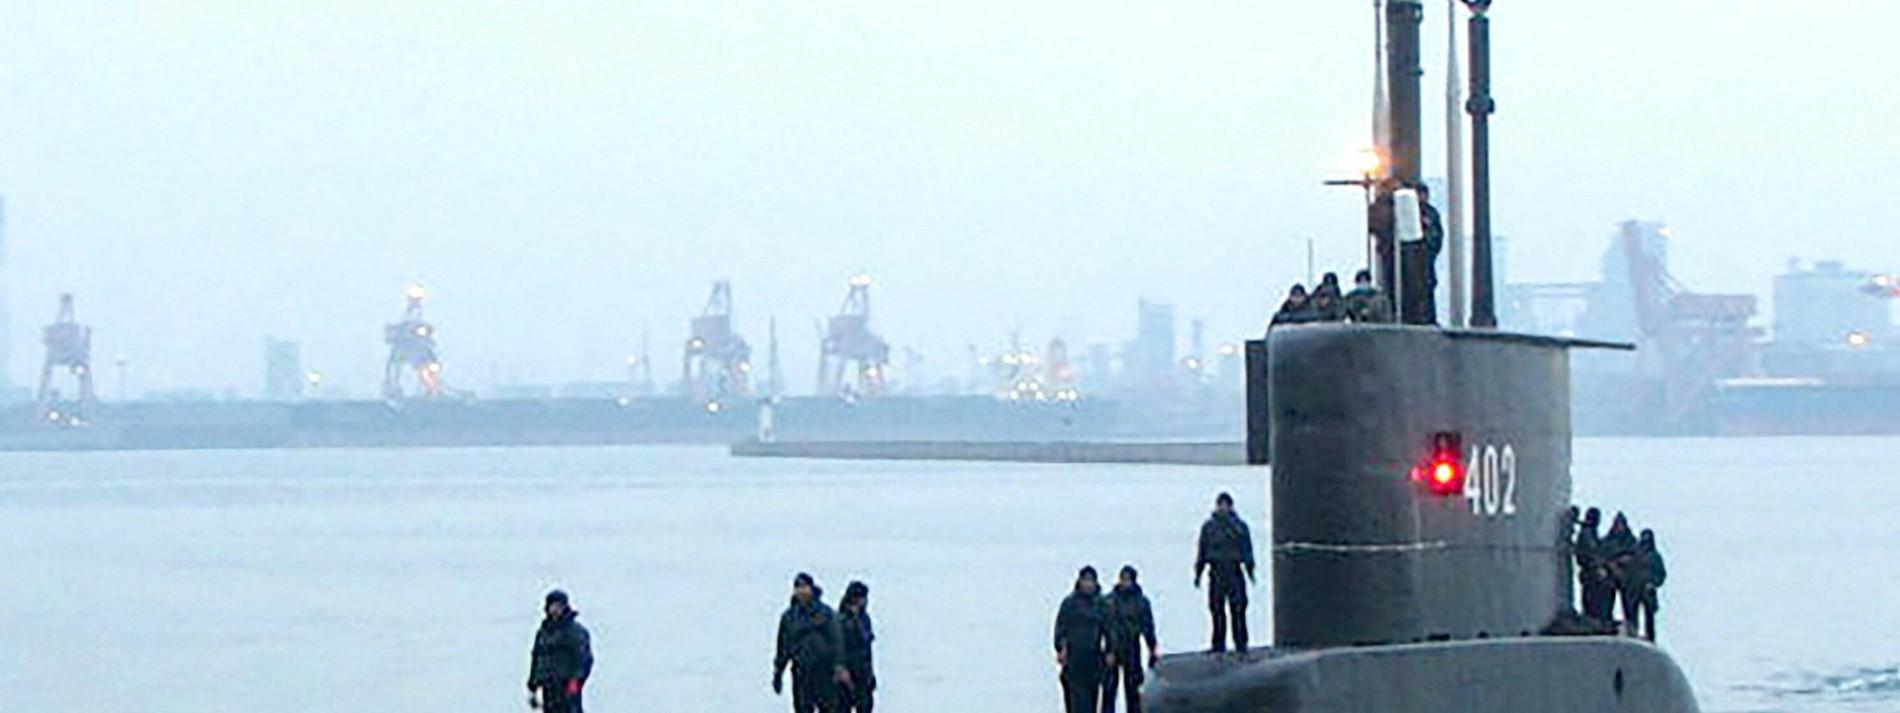 Vermisstes indonesisches U-Boot gefunden